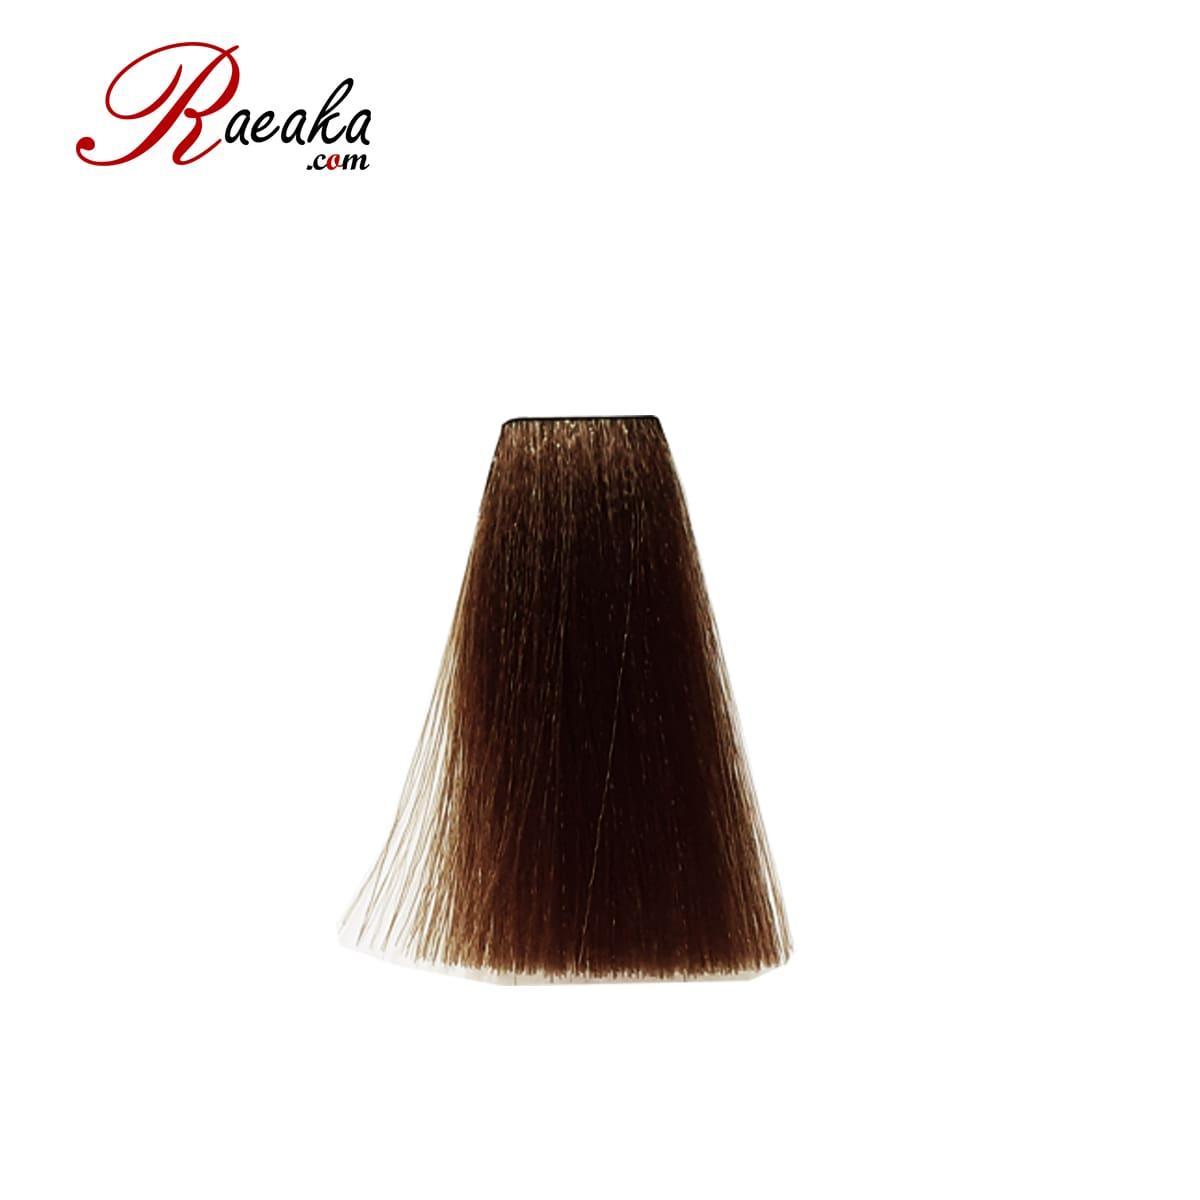 رنگ مو دوماسی سری شاه بلوطی قهوه ای شاه بلوطی روشن ۵٫۷۶ حجم ۱۲۰ میلی لیتر